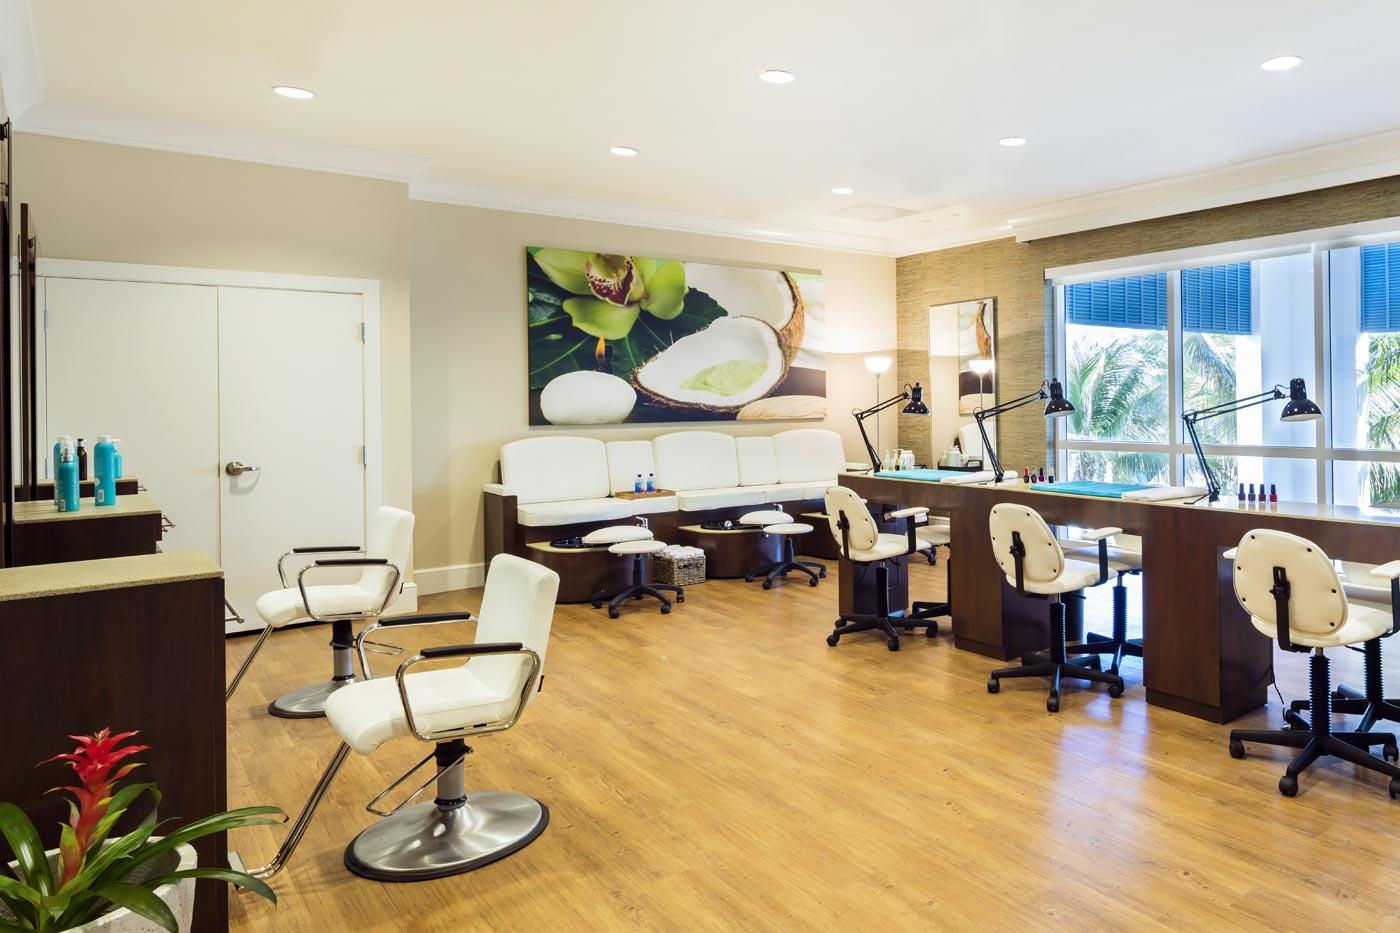 Spa salon interior